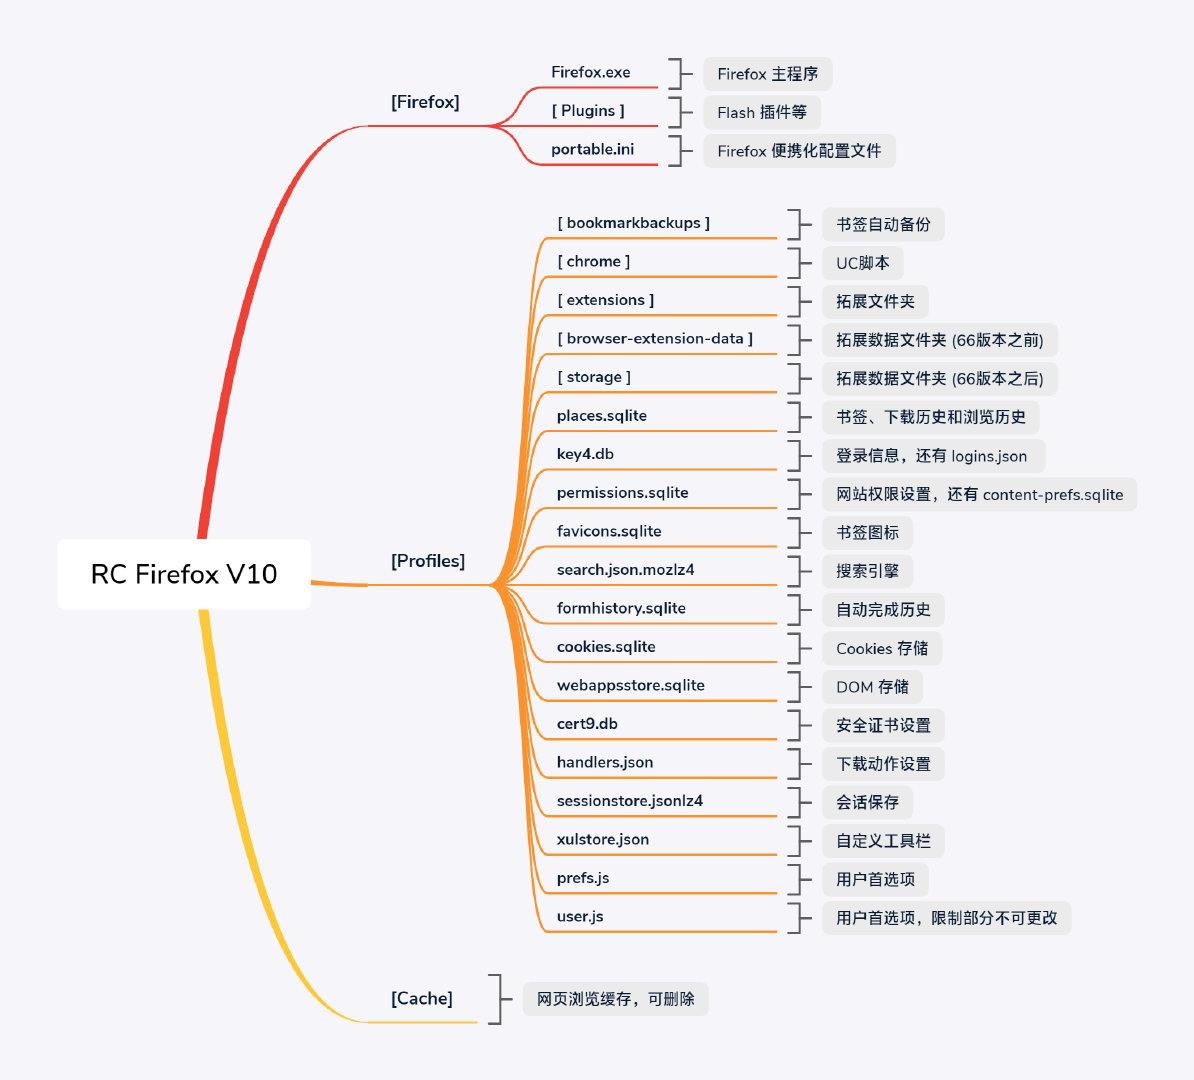 Firefox 配置文件说明